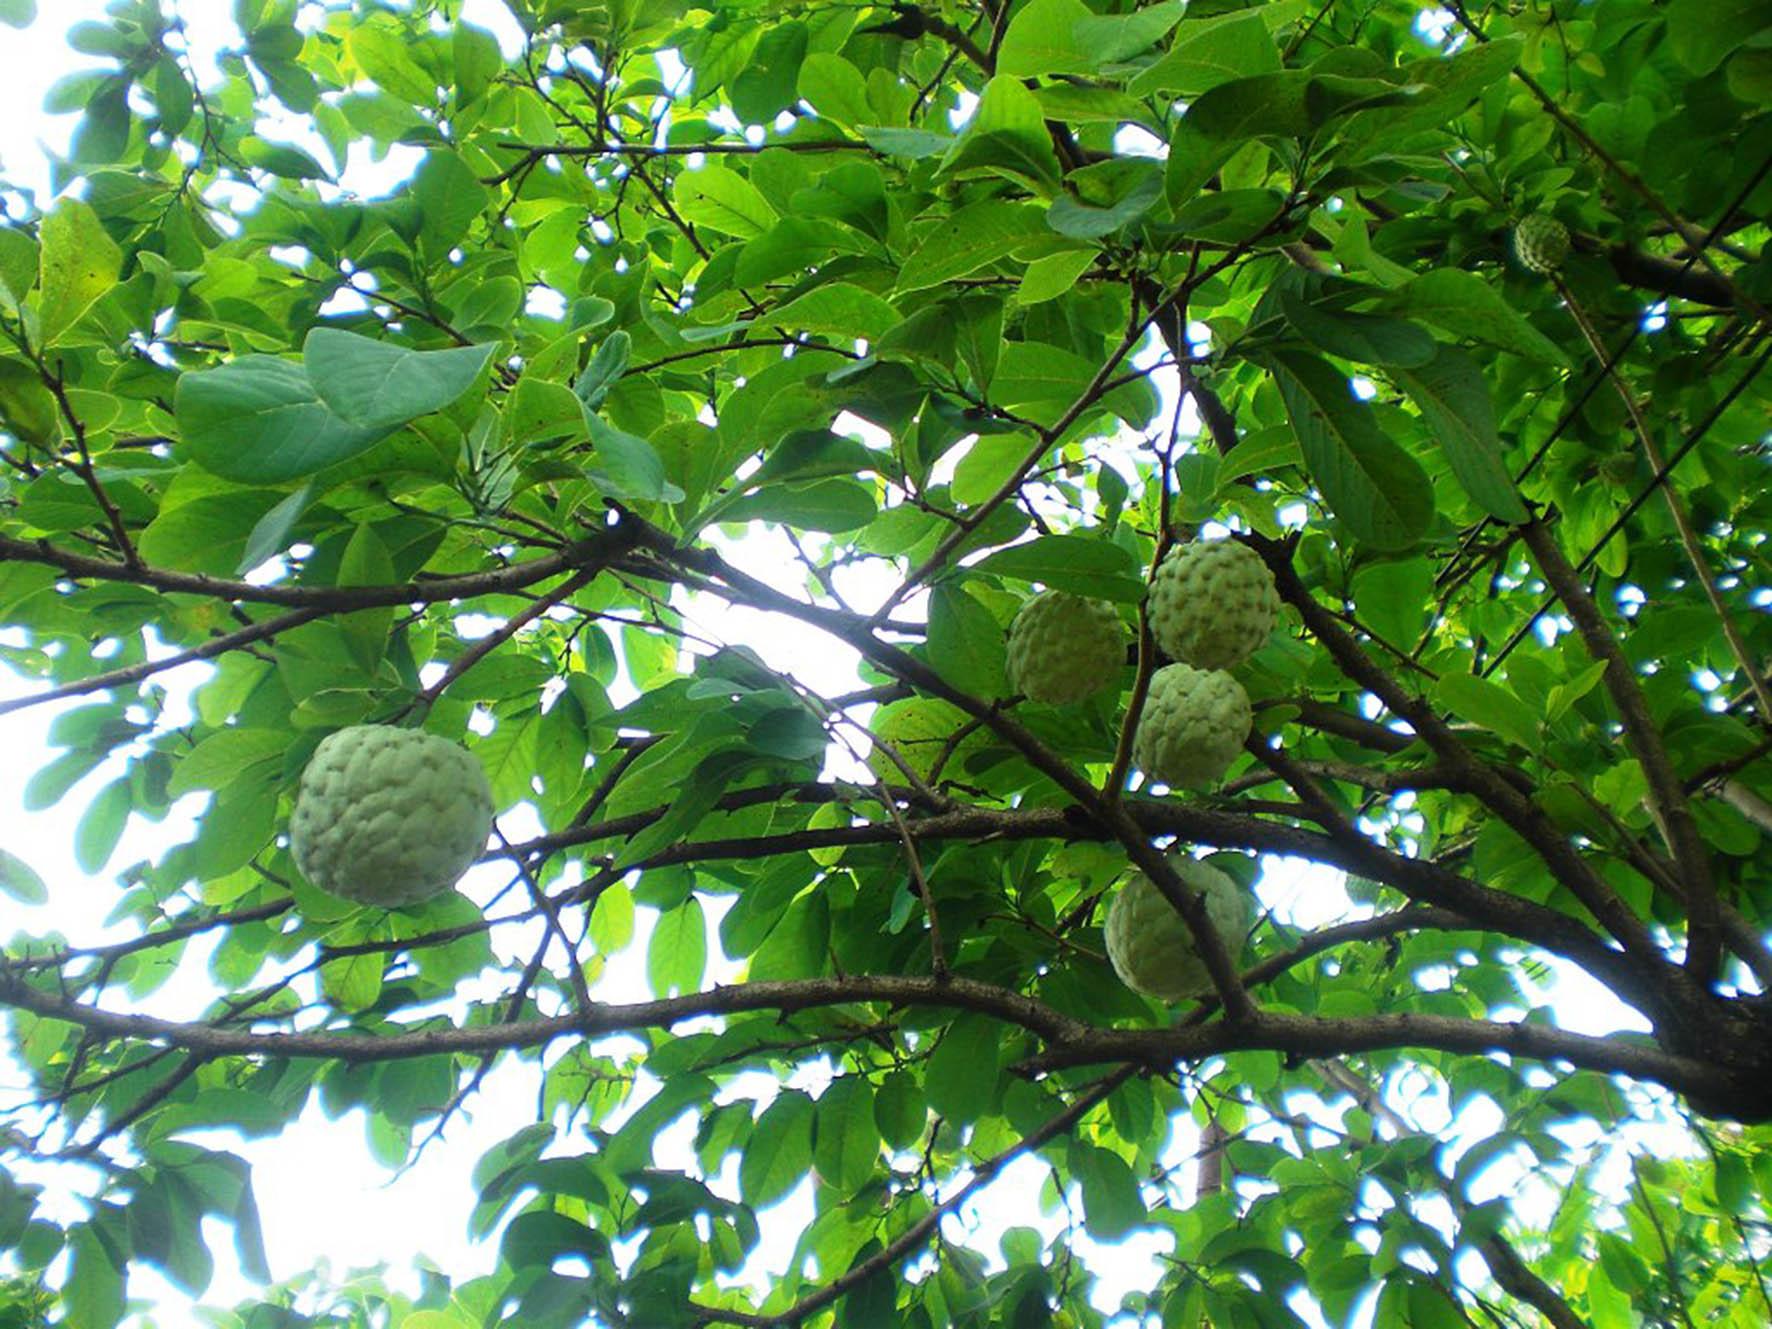 Identifican en la unam compuestos en plantas con potencial for Arboles de jardin que den sombra